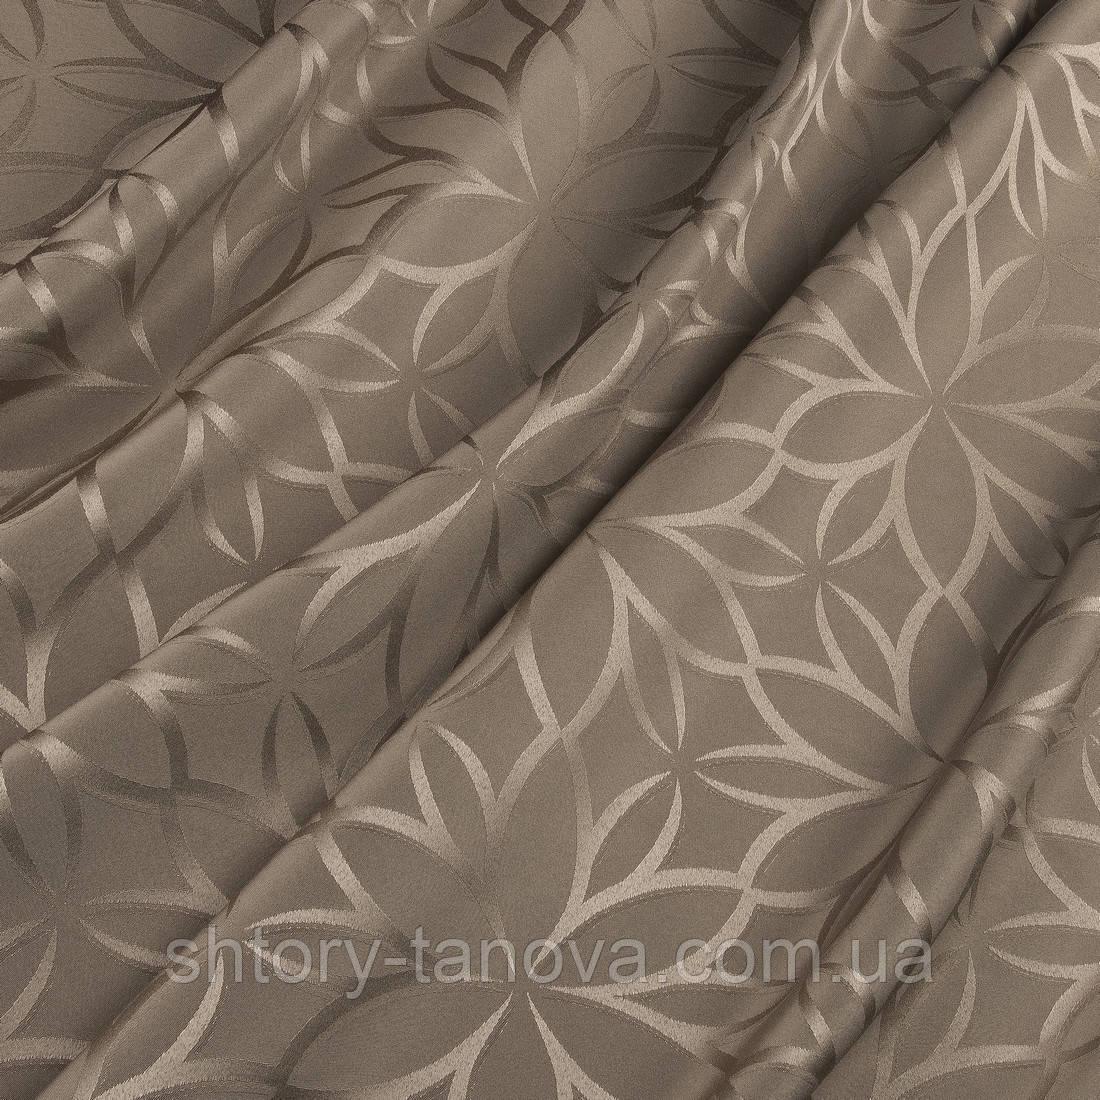 Портьерная ткань моту капучино